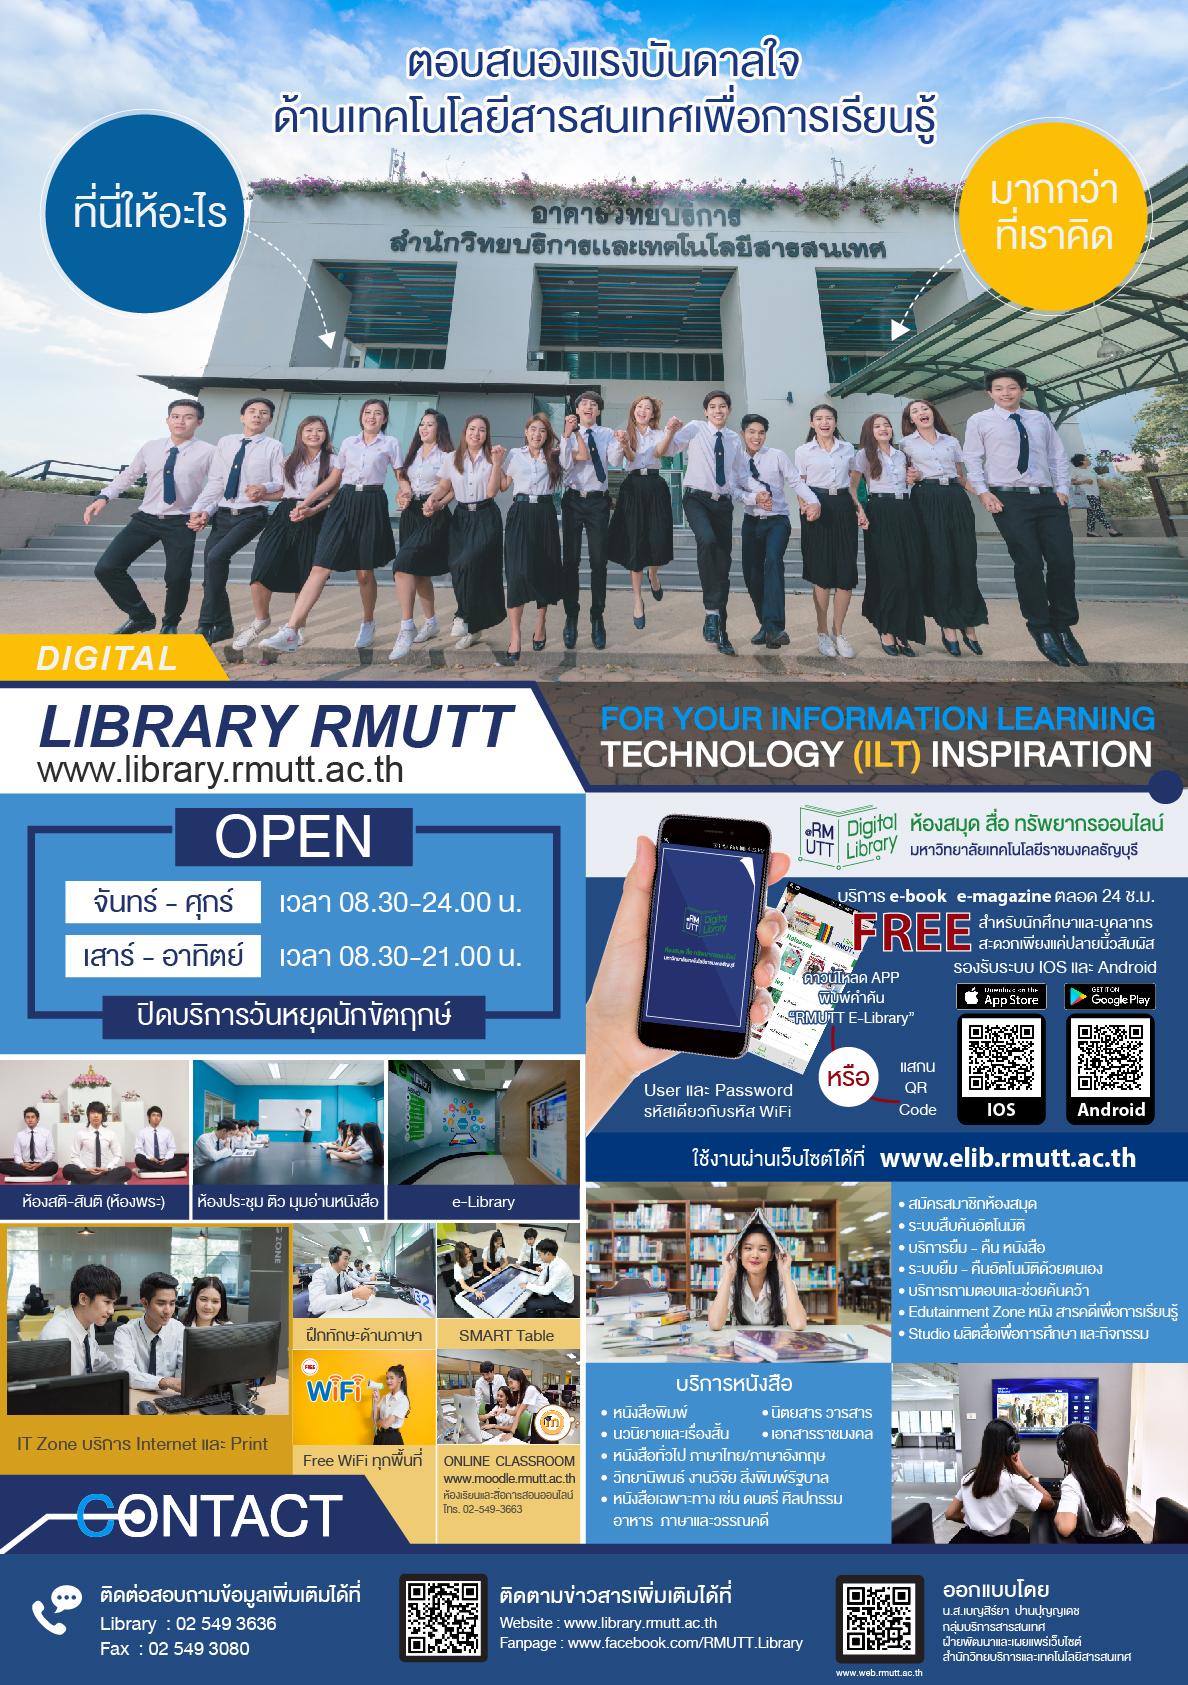 บริการห้องสมุด มหาวิทยาลัยเทคโนโลยีราชมงคลธัญบุรี (DIGITAL LIBRARY RMUTT)